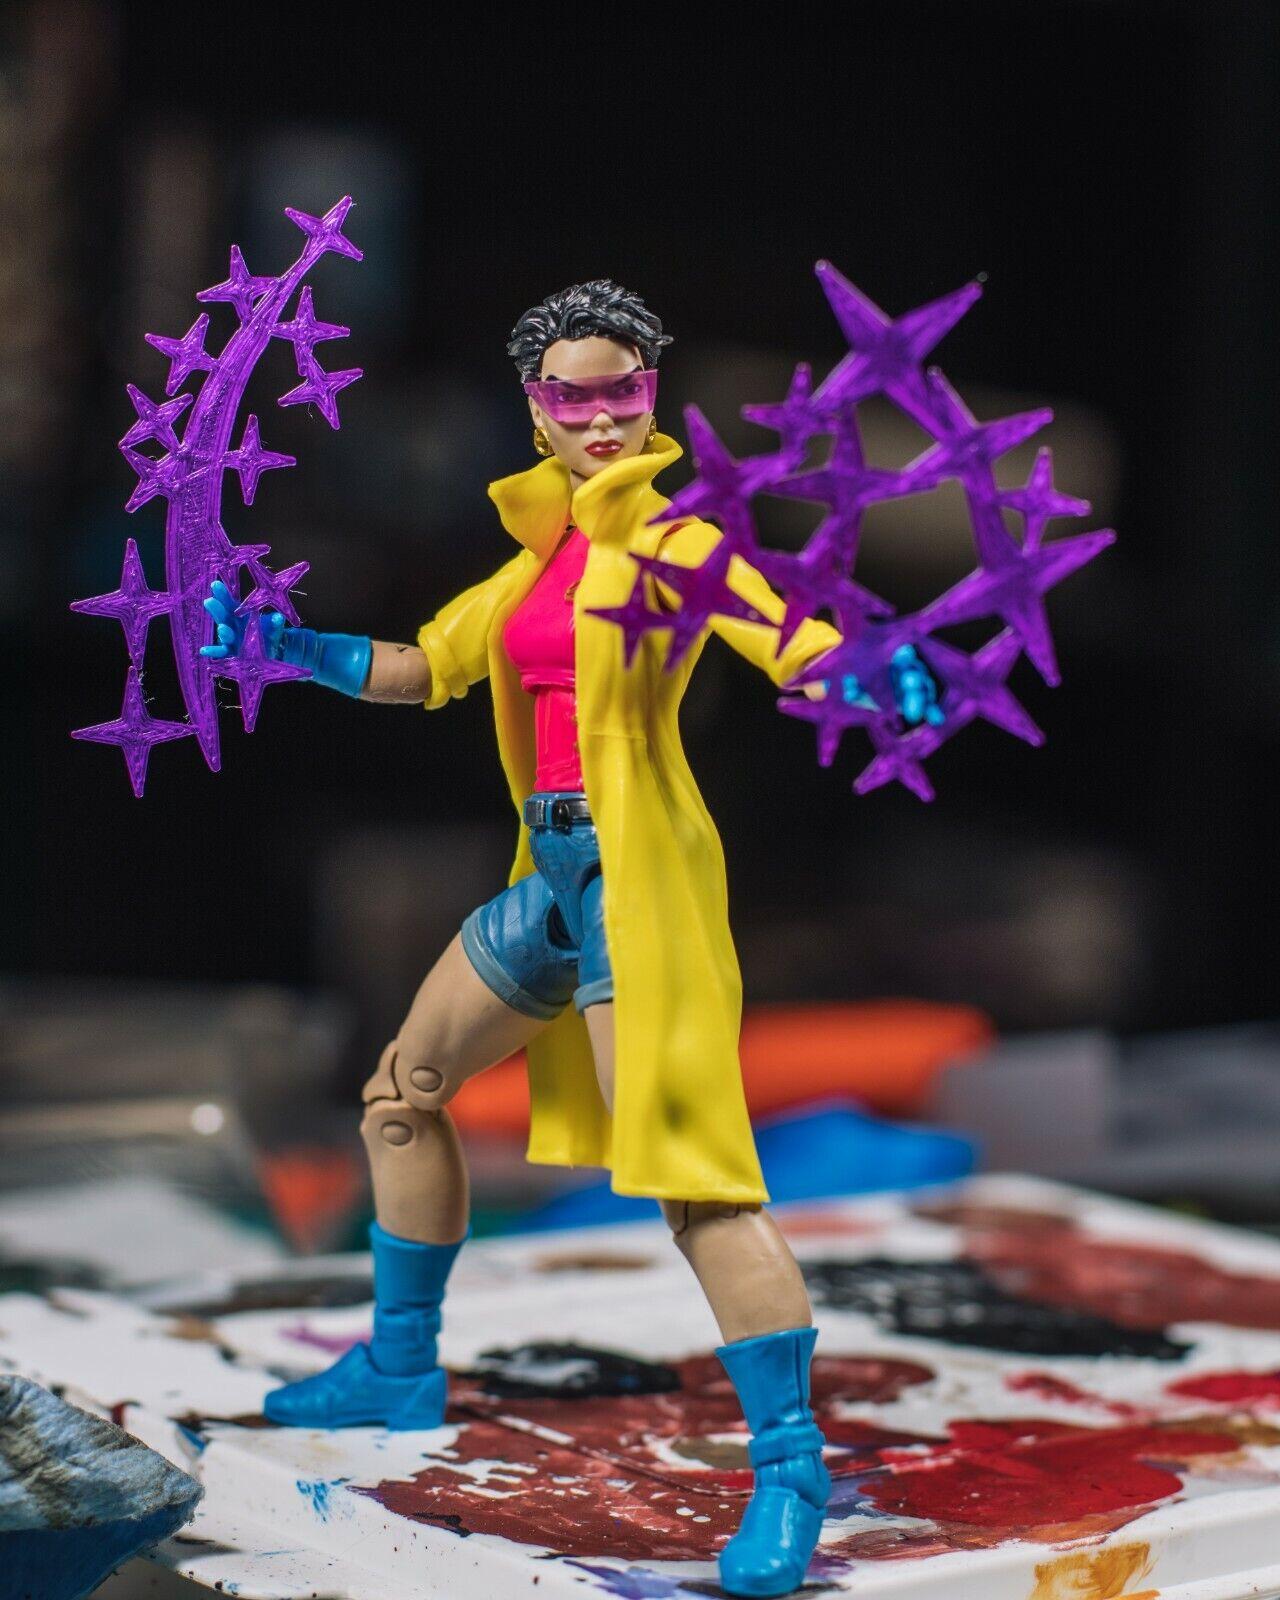 Jubilee Purple Fireworks 2 Pack EFFECTS ONLY Mezco, Marvel L